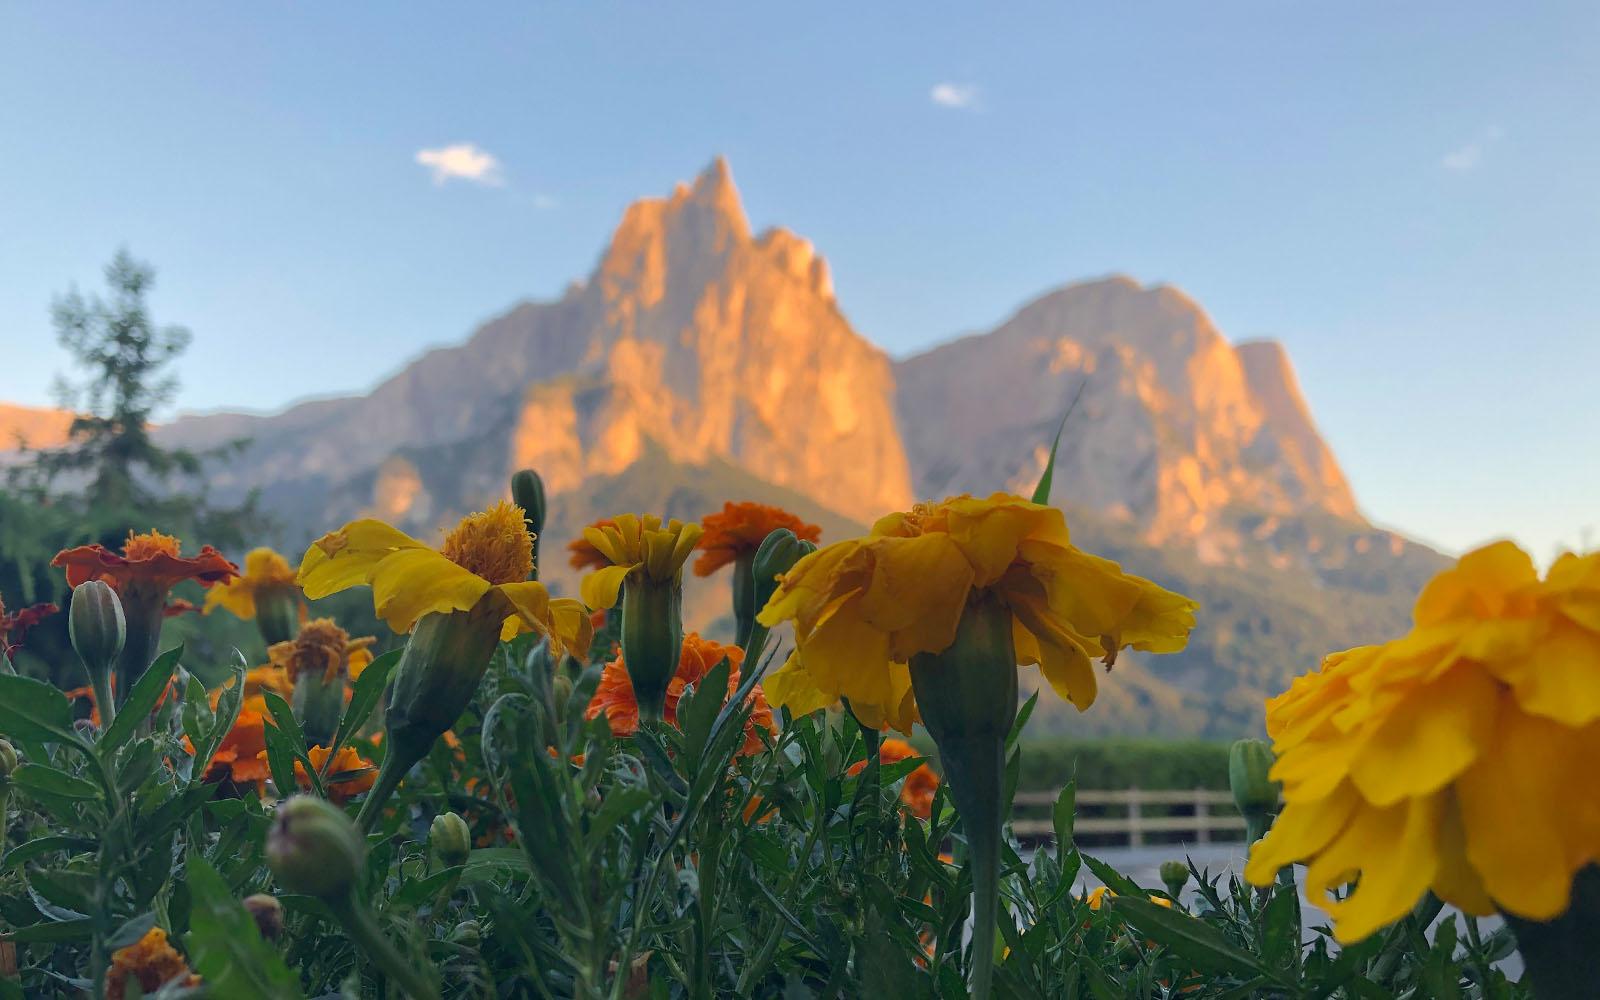 Uno scorcio del massiccio dello Sciliar, all'Alpe di Siusi.